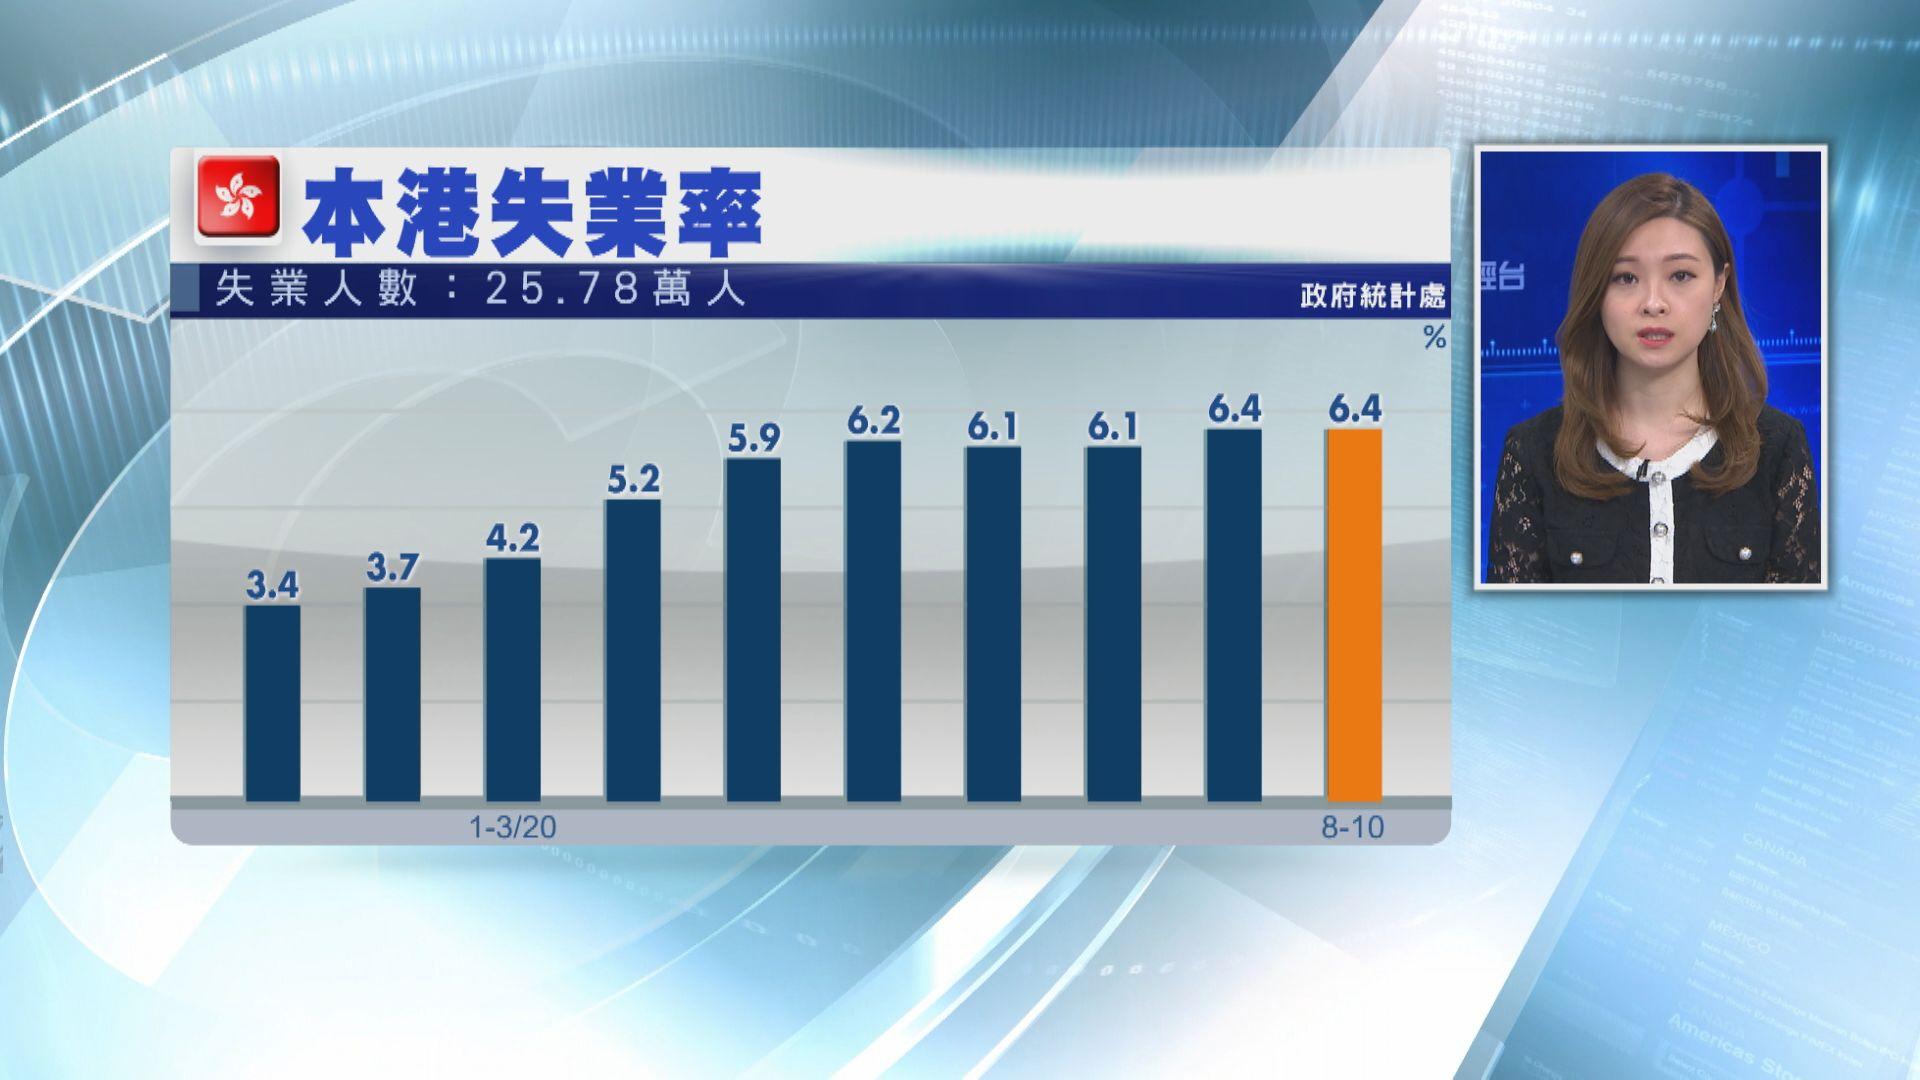 港失業率維持6.4% 於近十六年高位徘徊